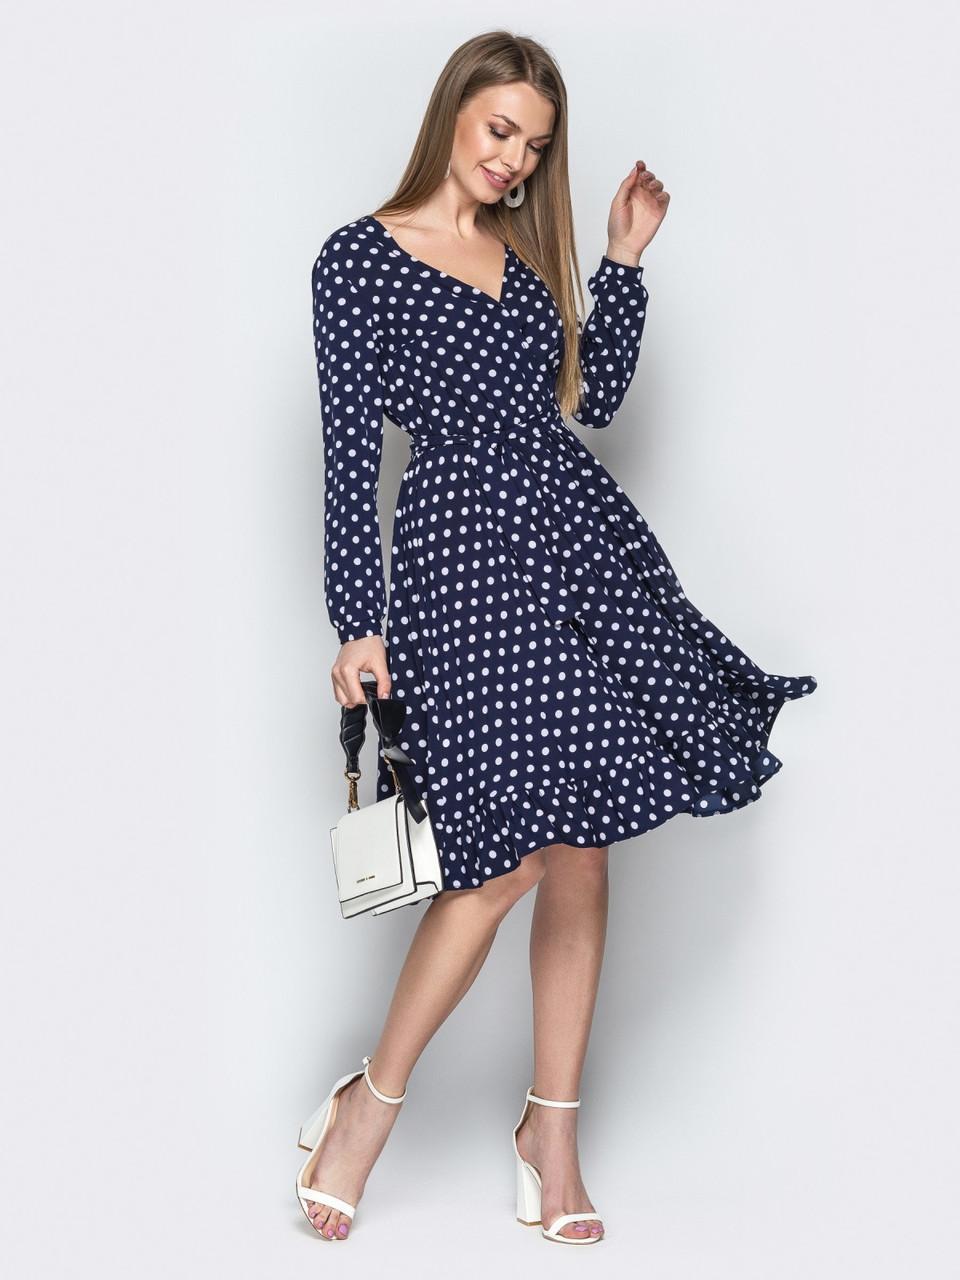 df5b51f1ffb Темно-синее женское платье в ретро стиле в горошек р.44  продажа ...